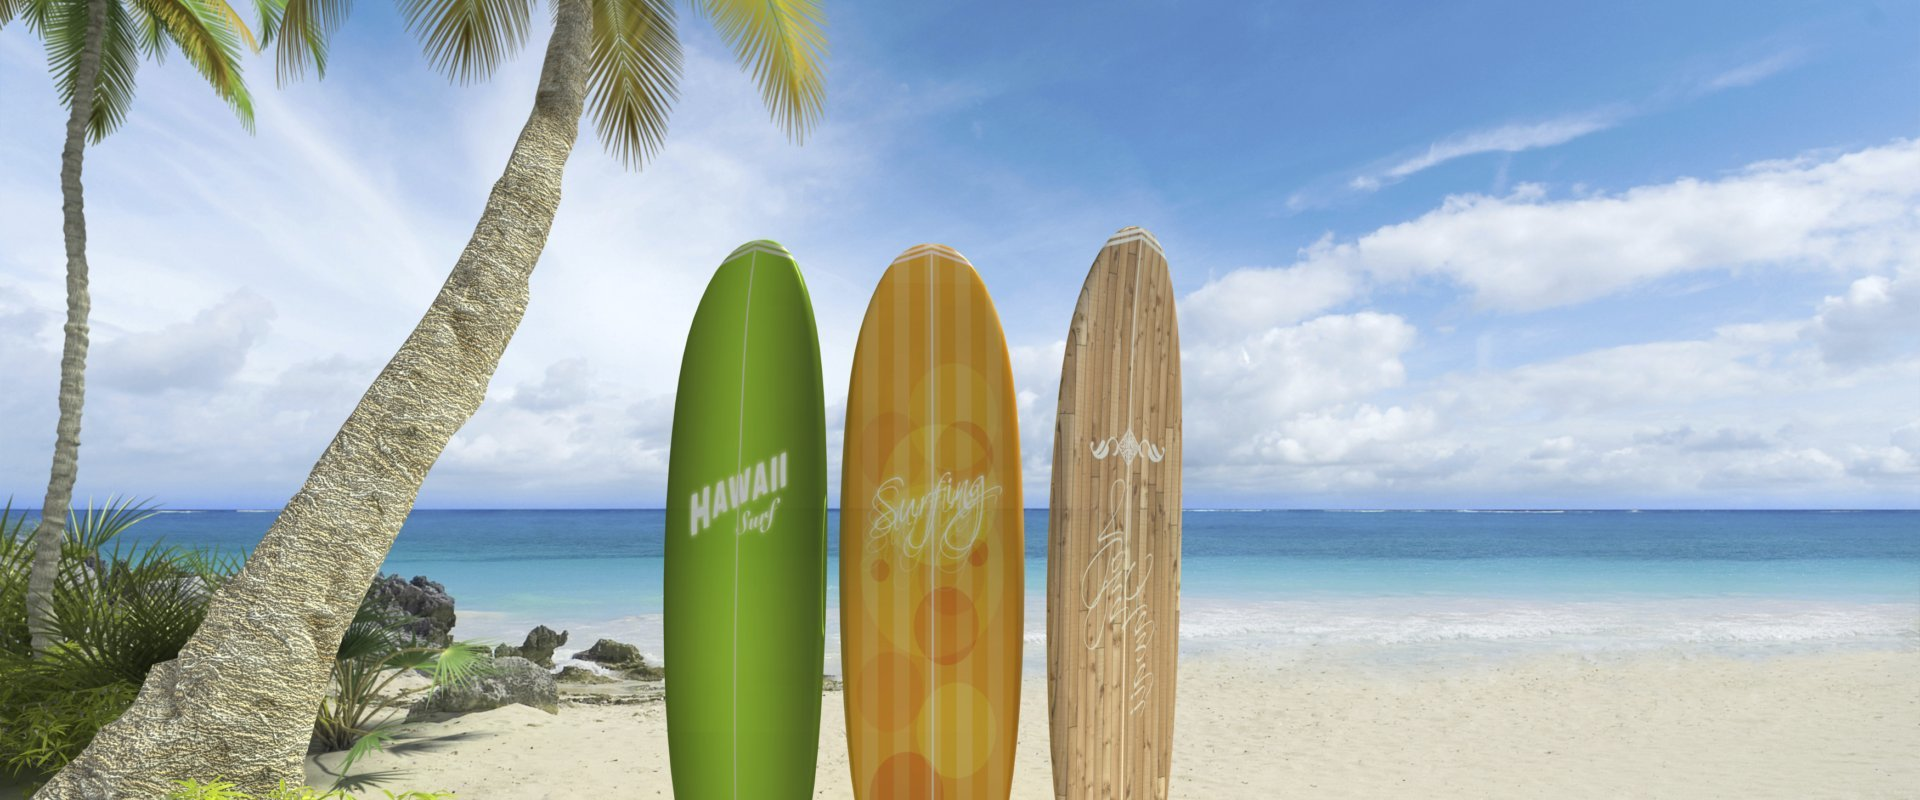 voyage organisé hawaii